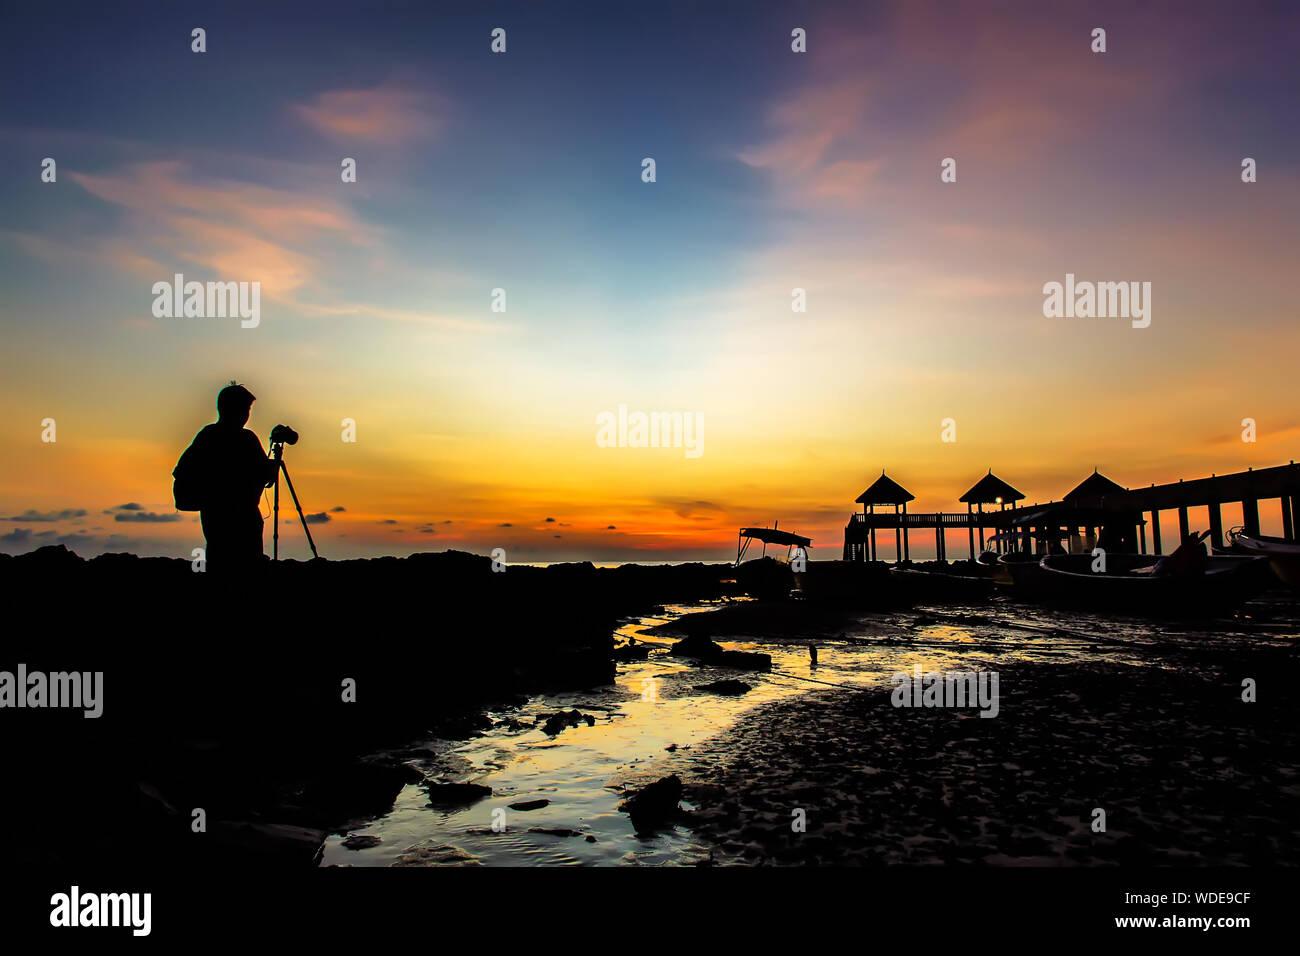 Silhouette Of Man avec l'équipement de l'appareil photo sur la plage au coucher du soleil Banque D'Images